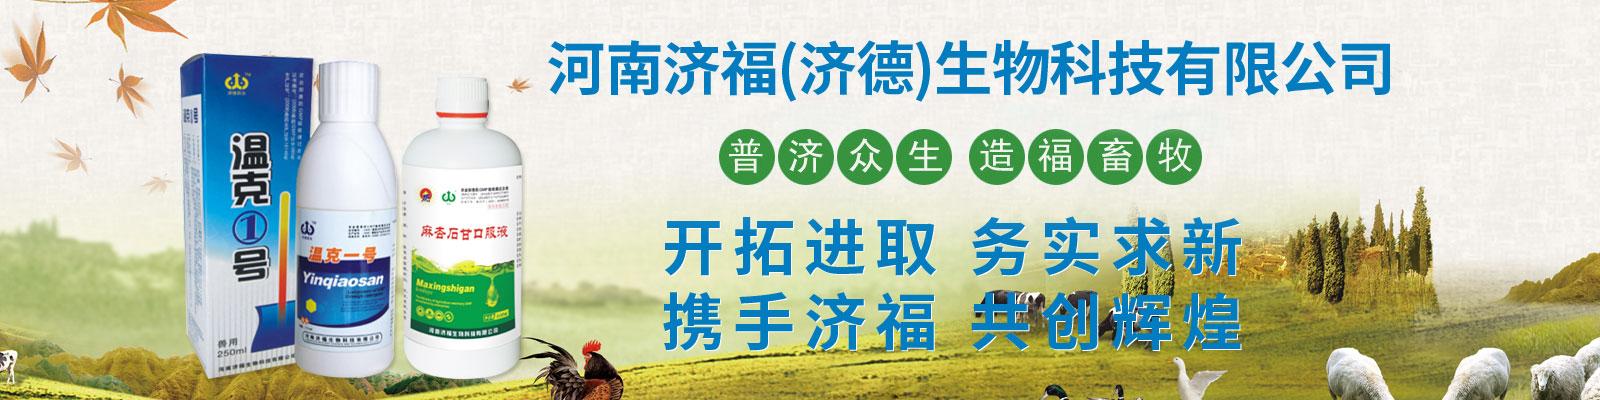 河南济福(济德)生物科技有限公司